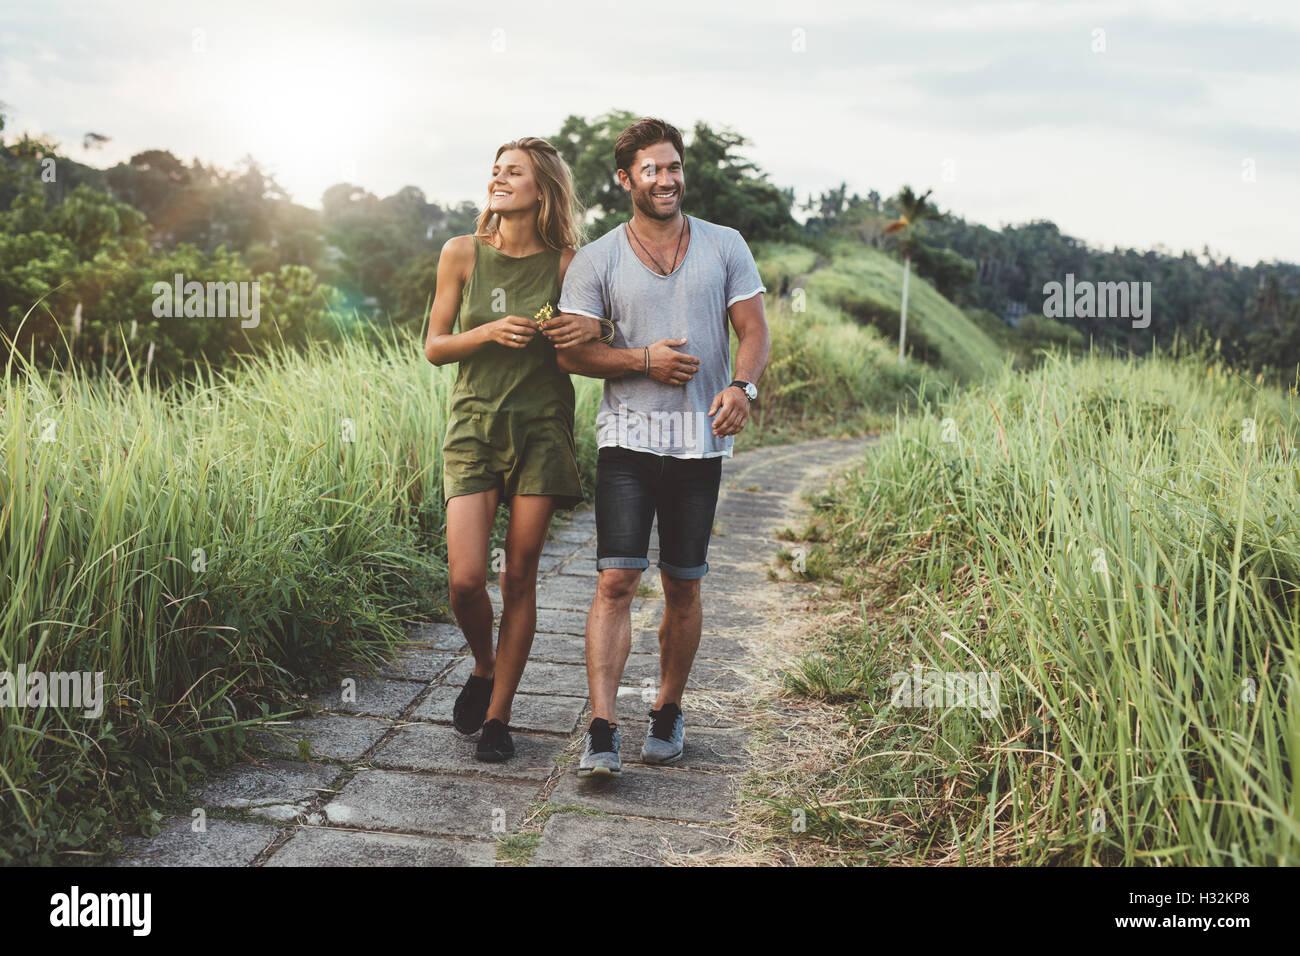 Piscina shot do jovem casal no amor caminhar no caminho através de campo em relva. O homem e a mulher caminhando Imagens de Stock